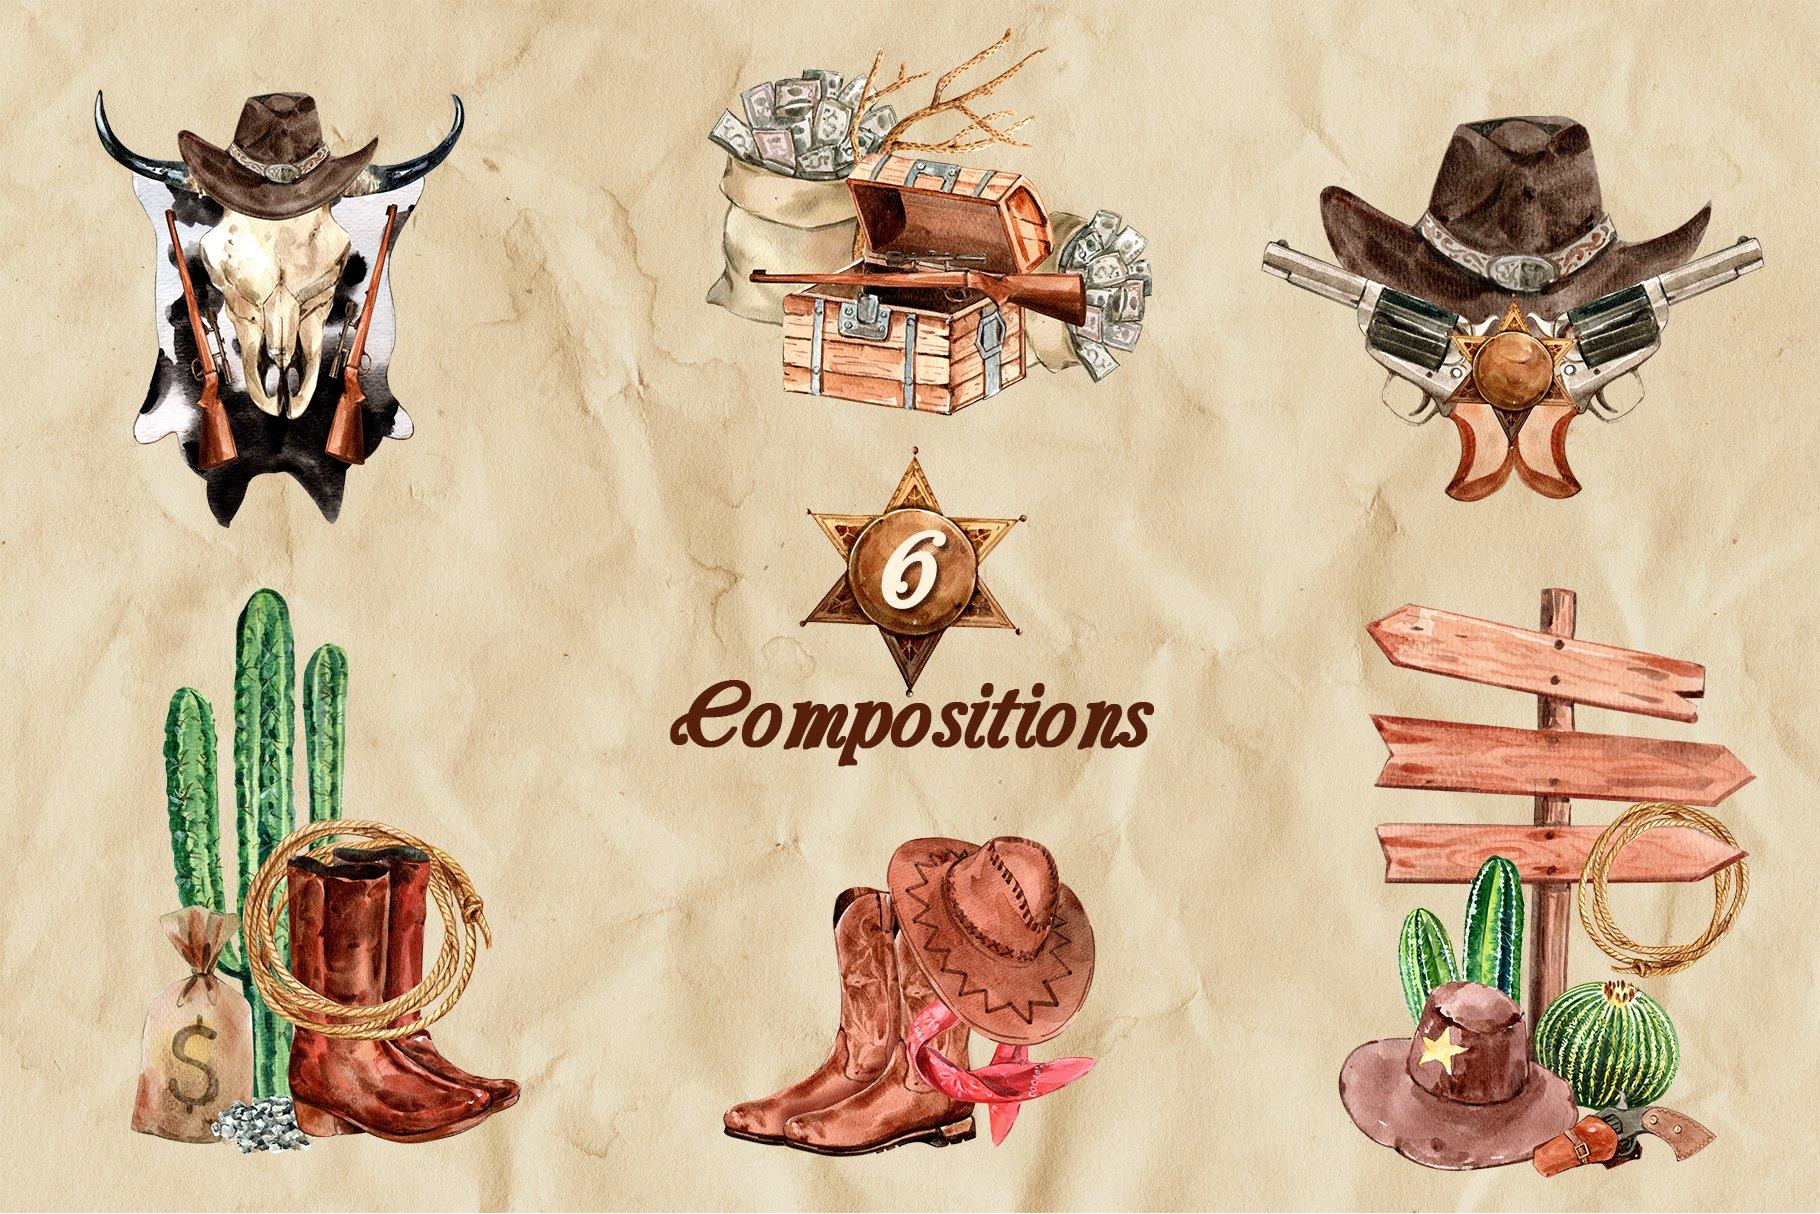 牛仔英雄元素水彩剪贴画PNG免抠图片素材 The Story of Cowboy Hero Watercolors Set插图(1)